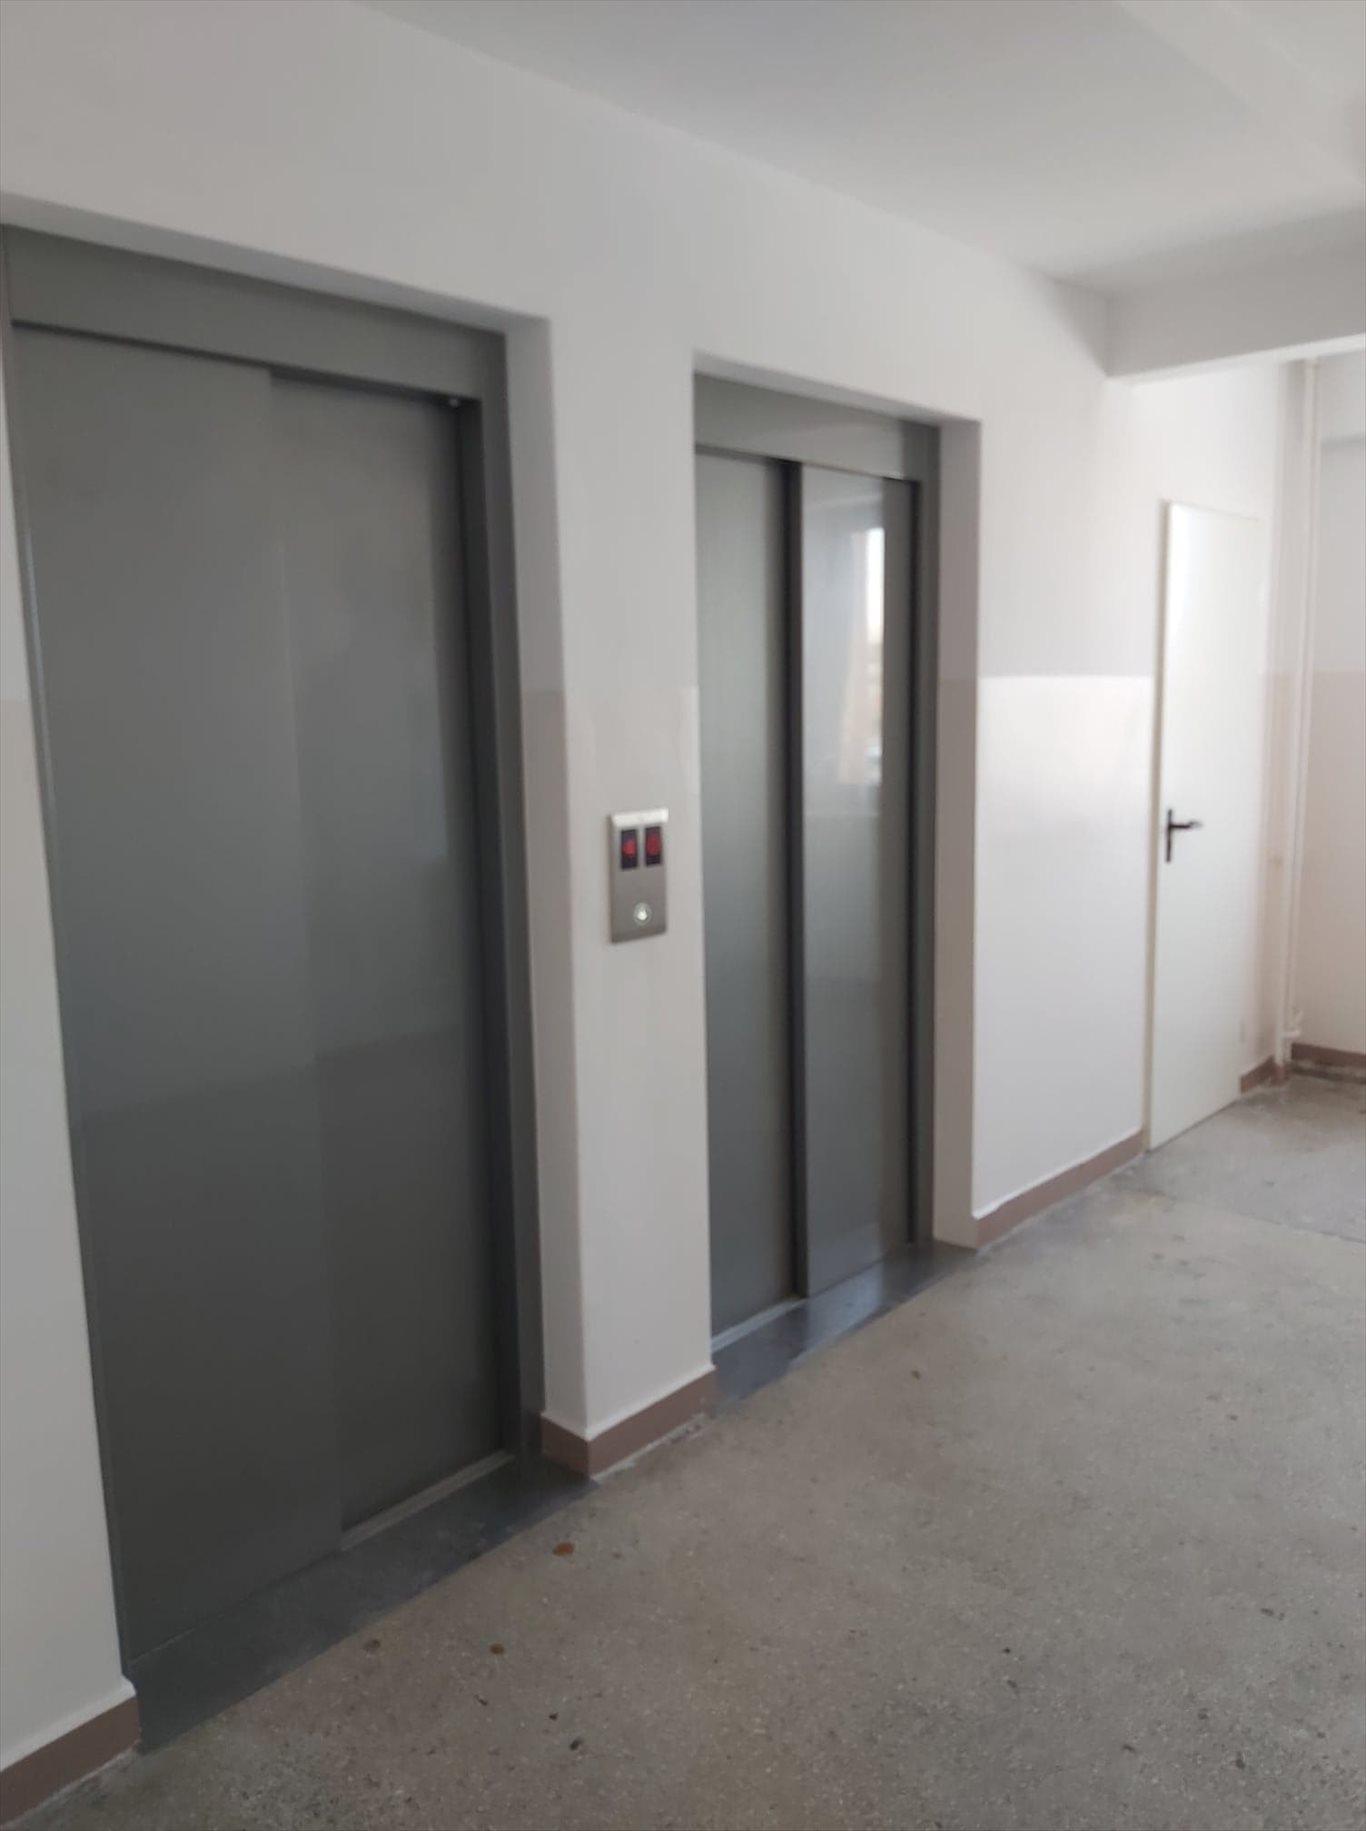 Mieszkanie dwupokojowe na sprzedaż Warszawa, Wola, Ulrychów, Okocimska  30m2 Foto 6